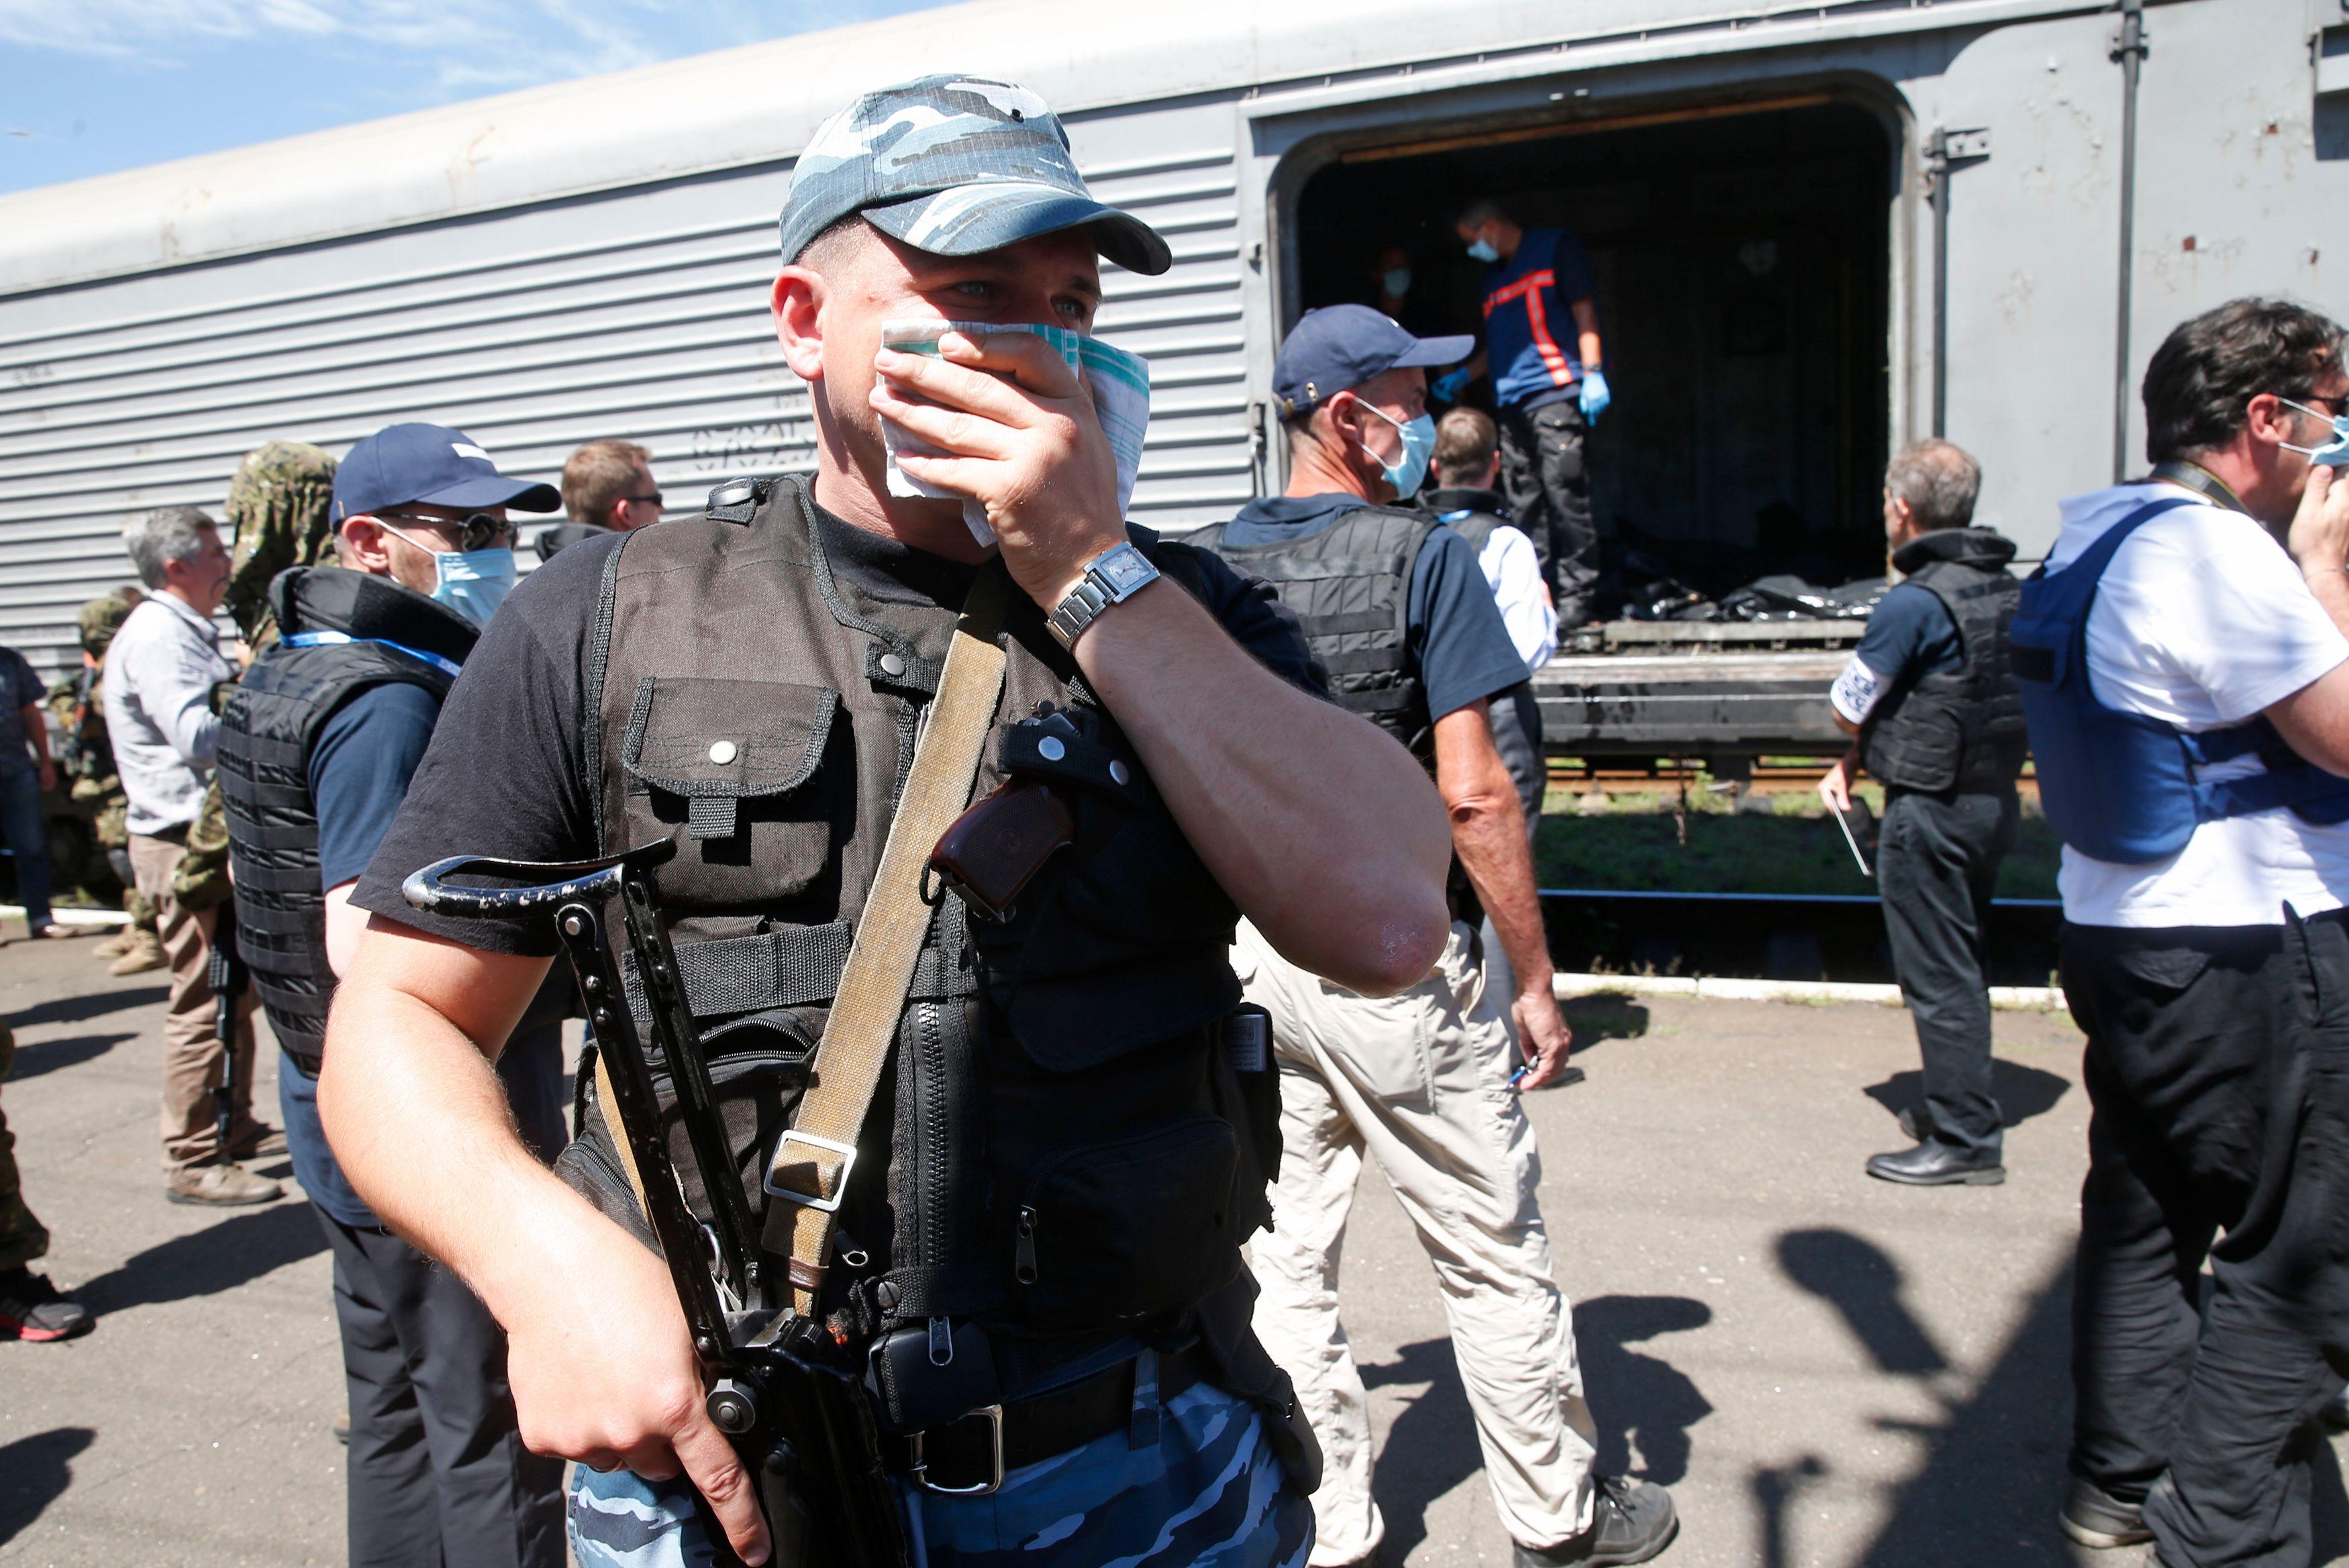 Les corps des victimes ont été placés dans un train